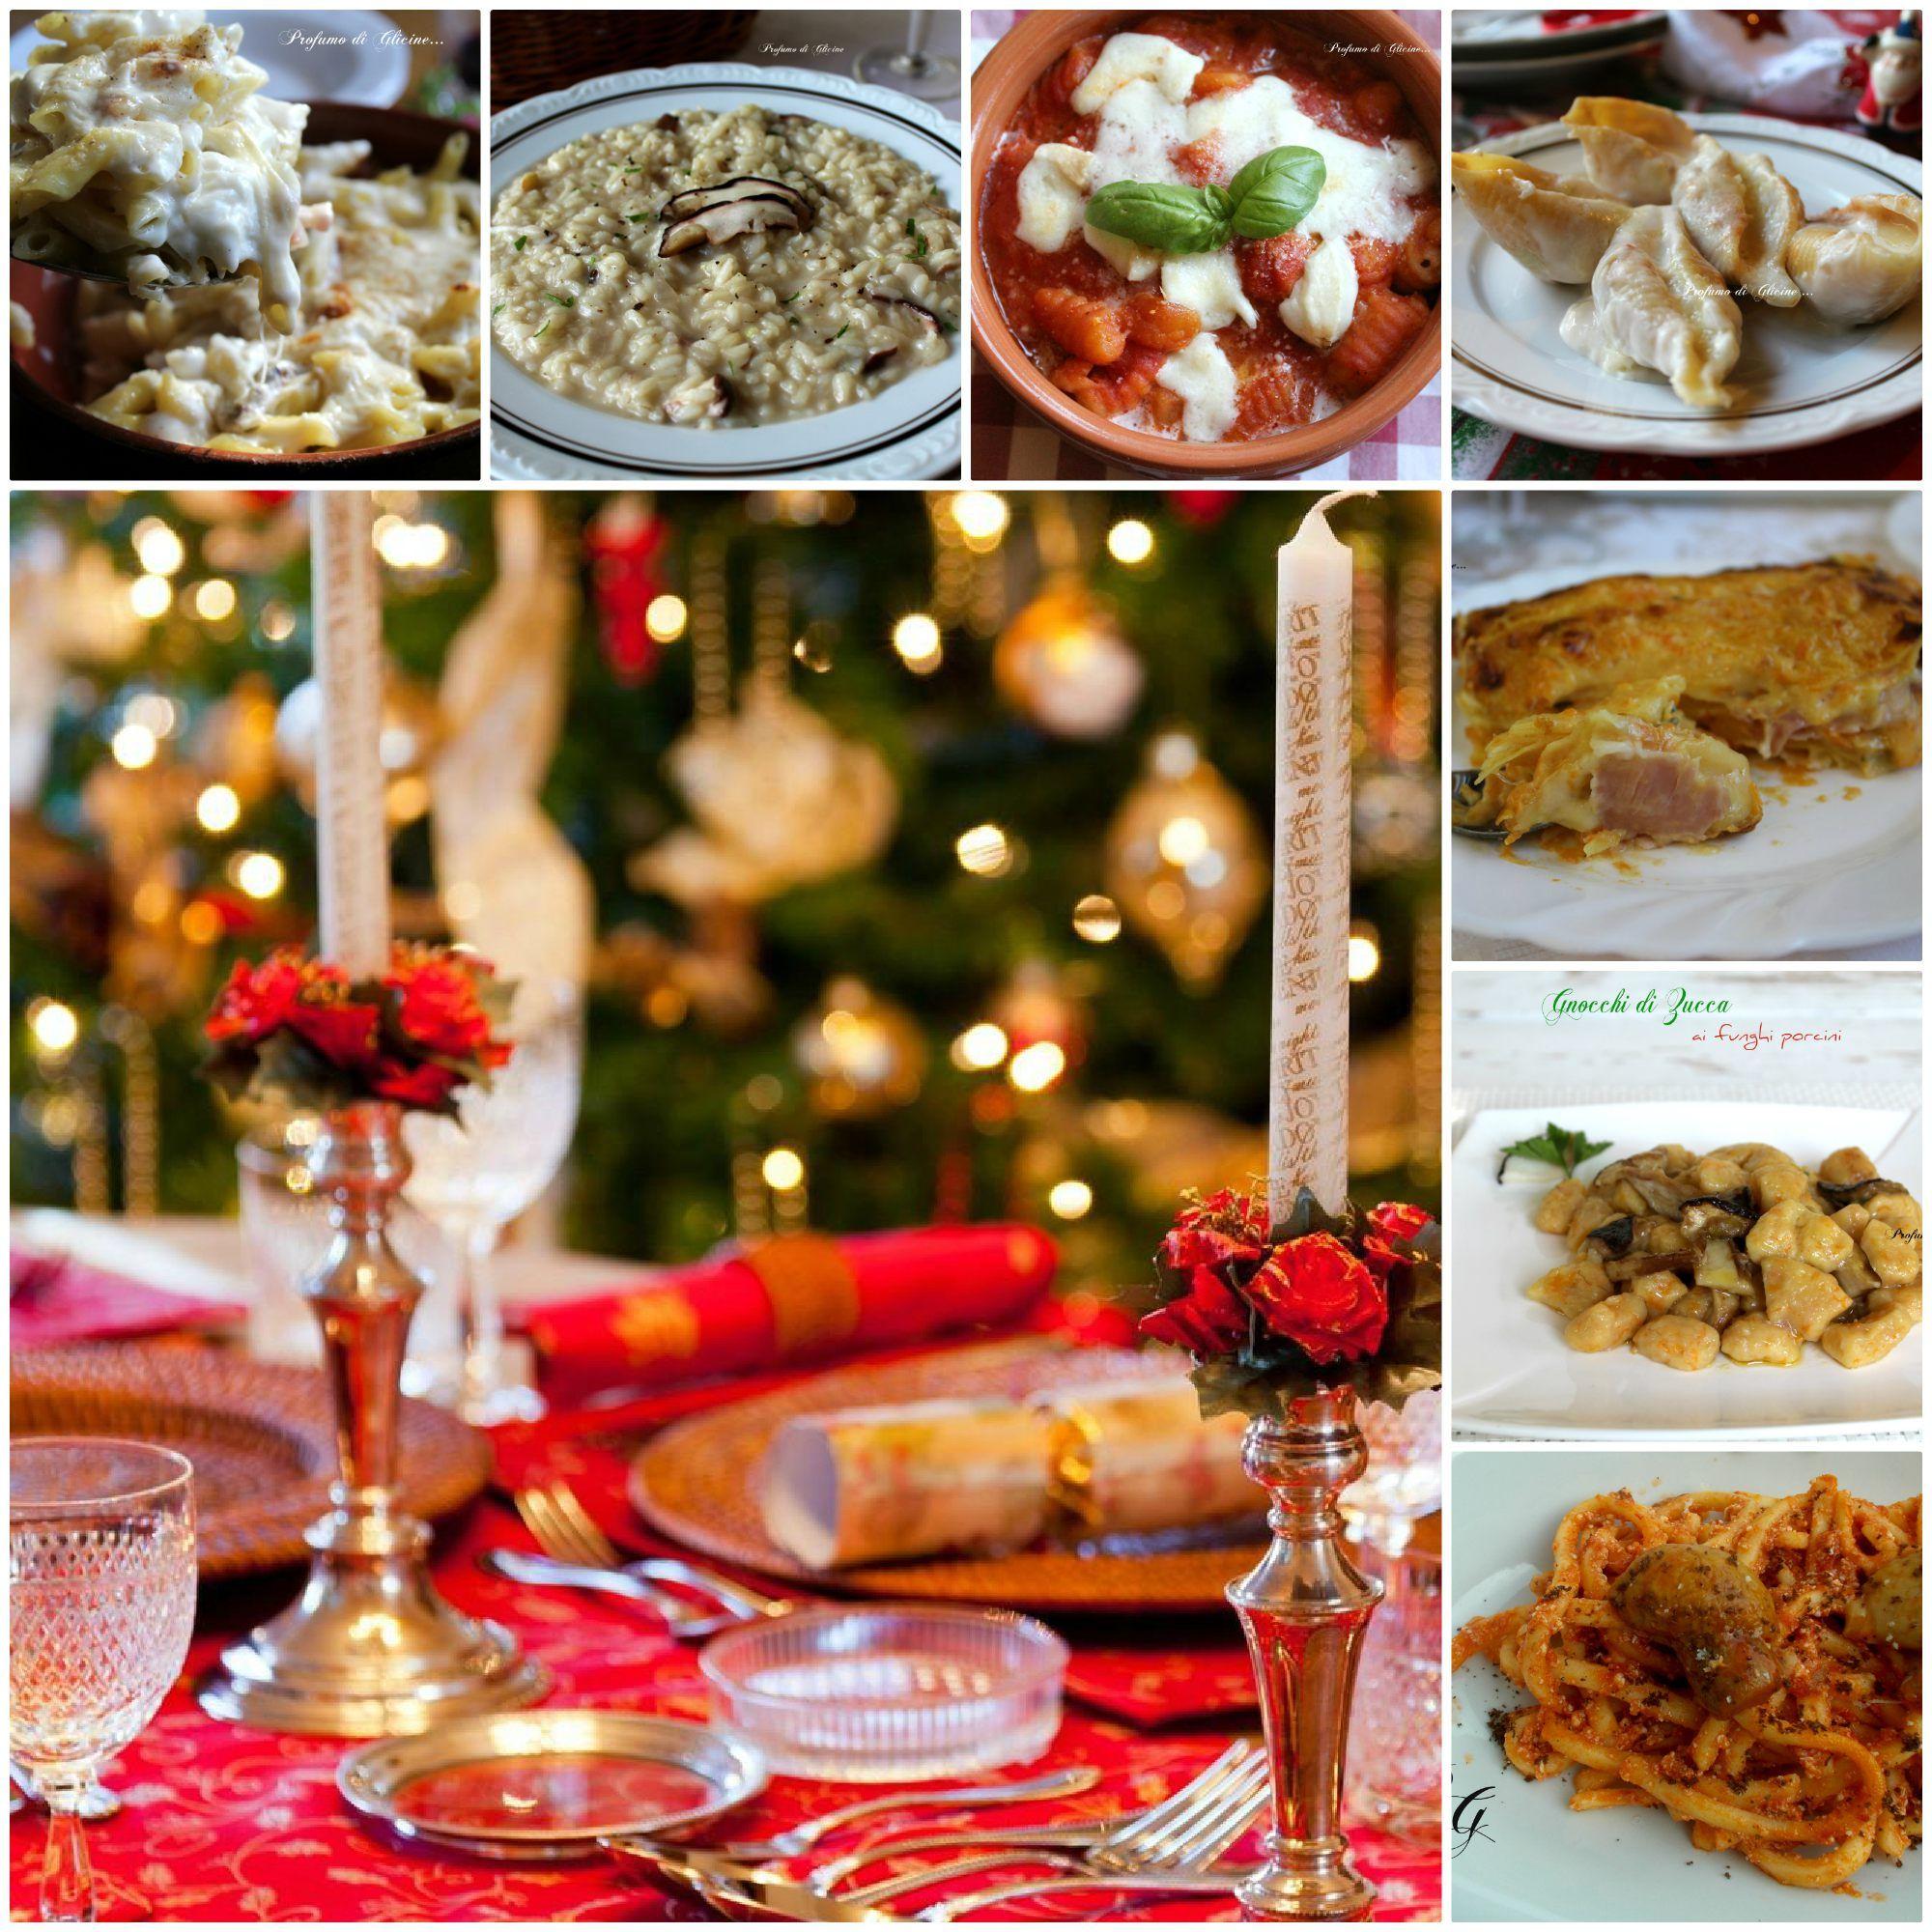 Menu Semplice Per Il Pranzo Di Natale.Menu Pranzo Di Natale Ricette Primi Piatti Ricette